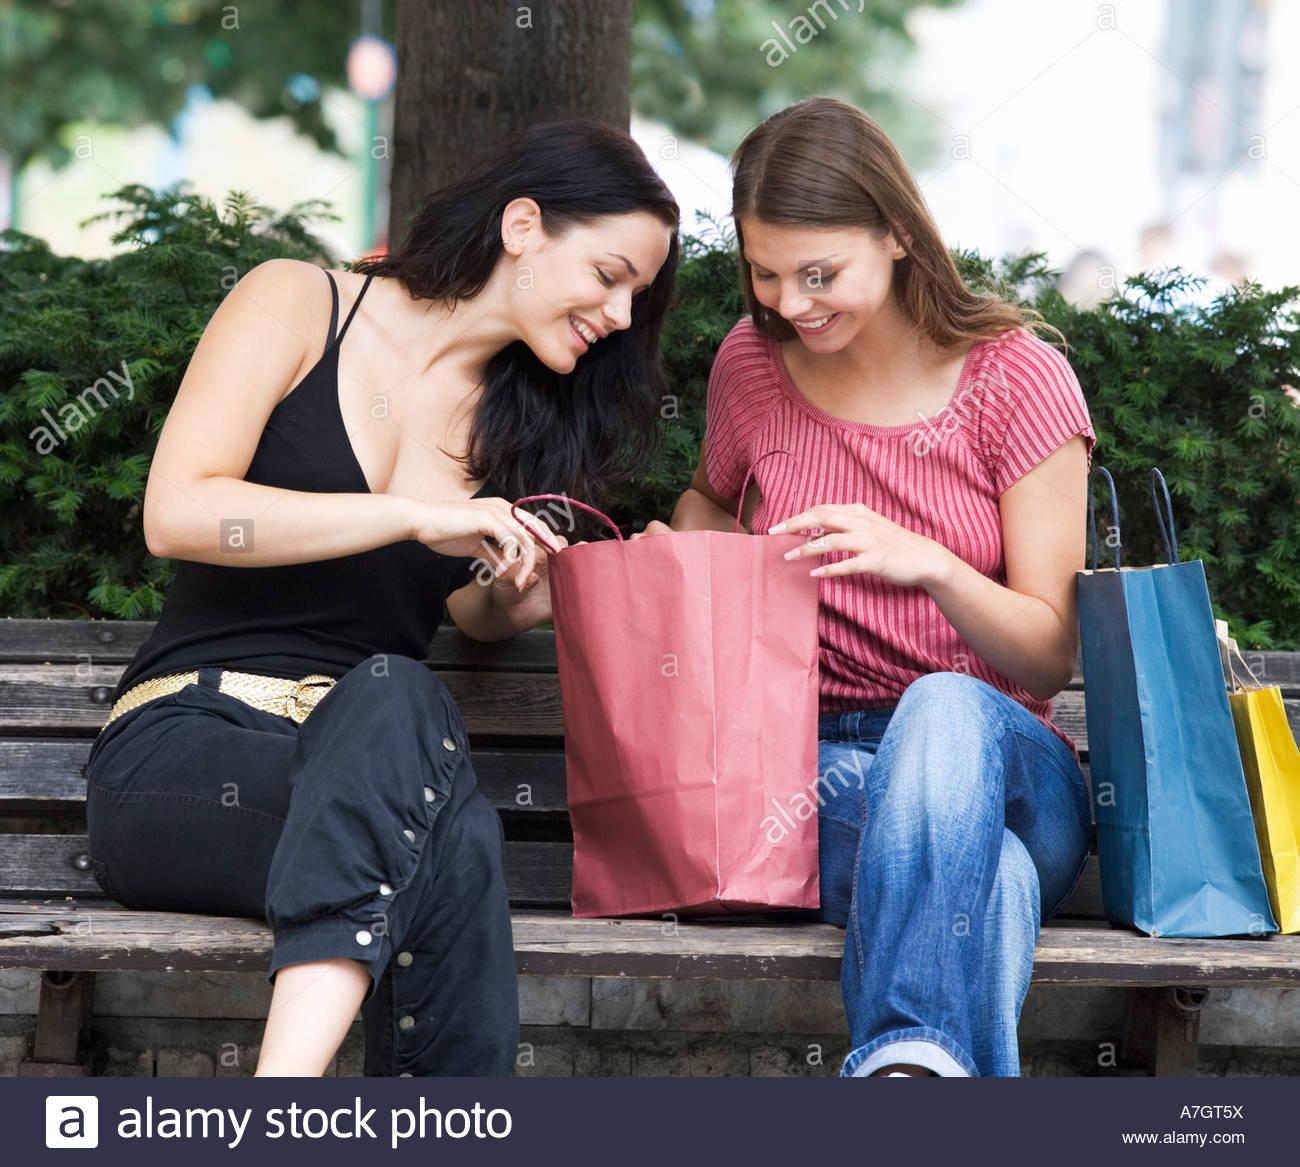 Deux jeunes femmes à la recherche de leurs achats Photo Stock